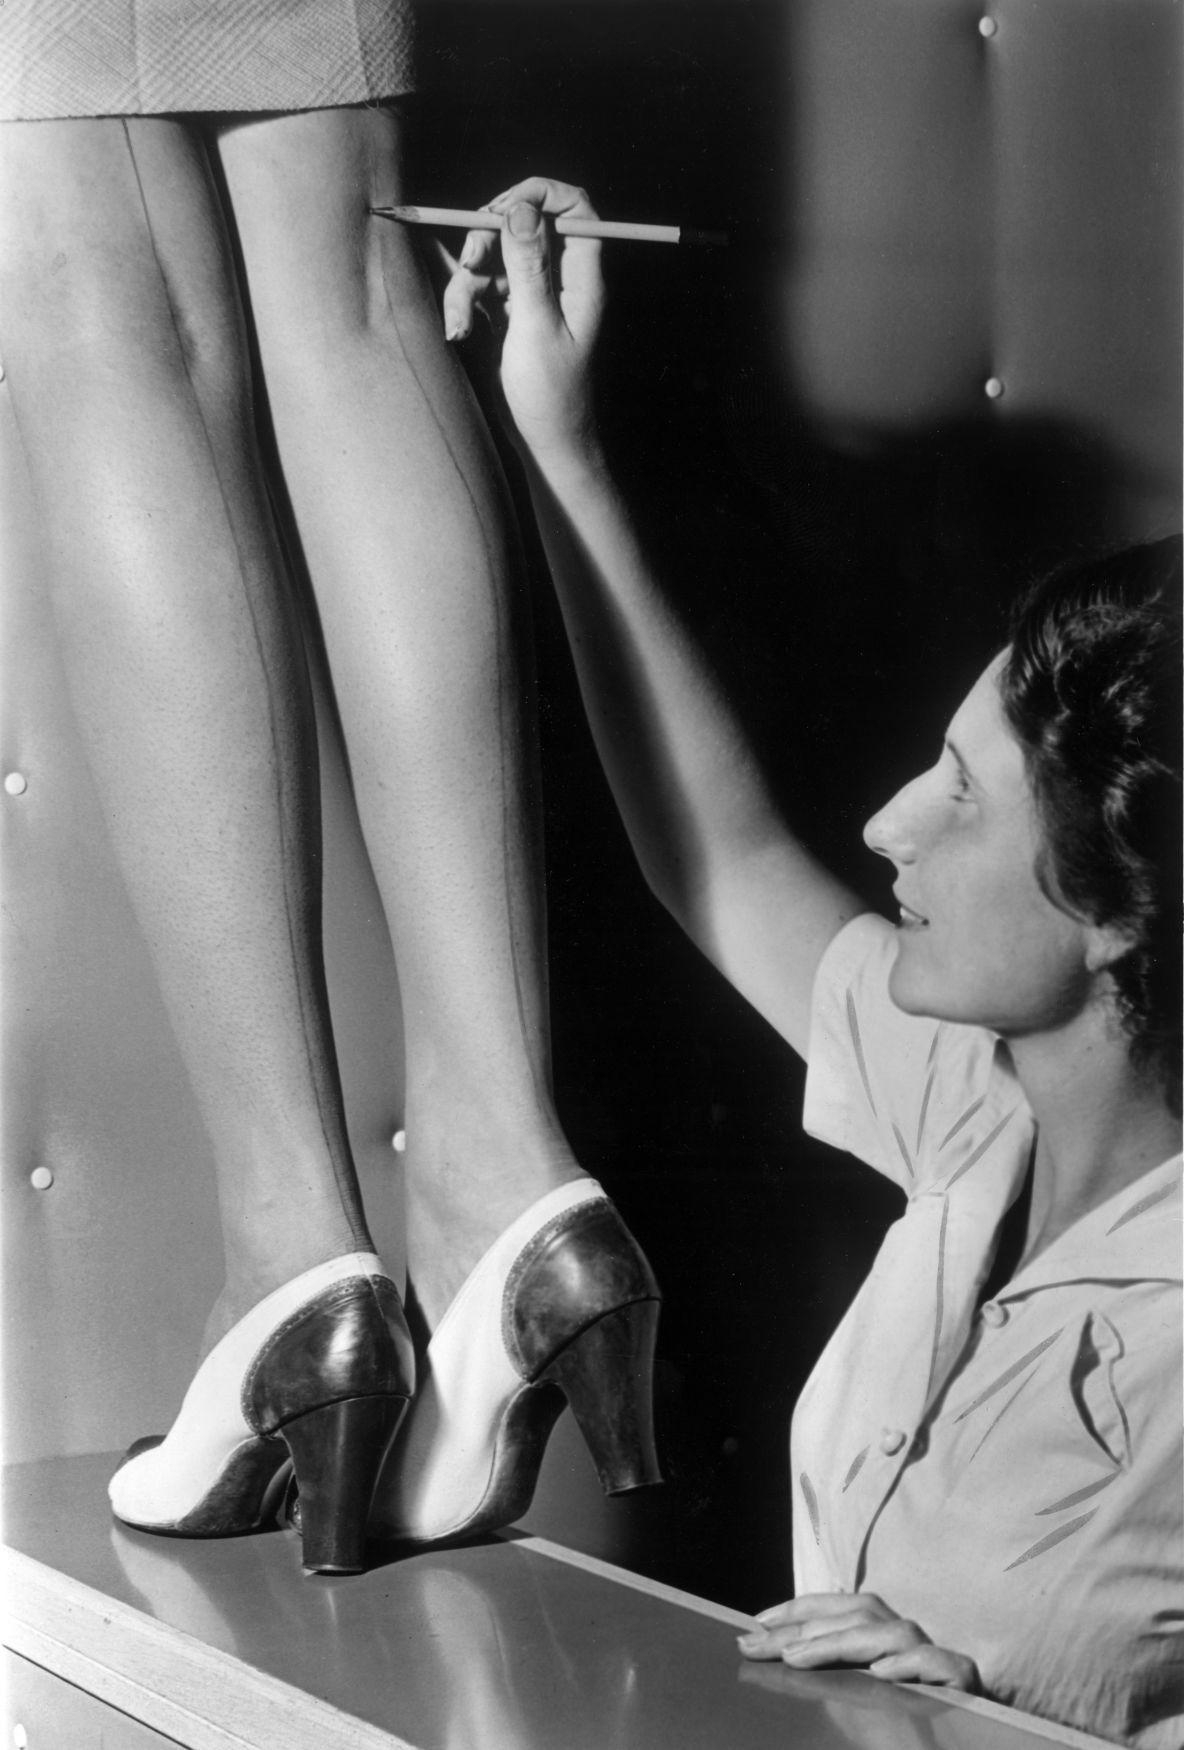 liquid stockings